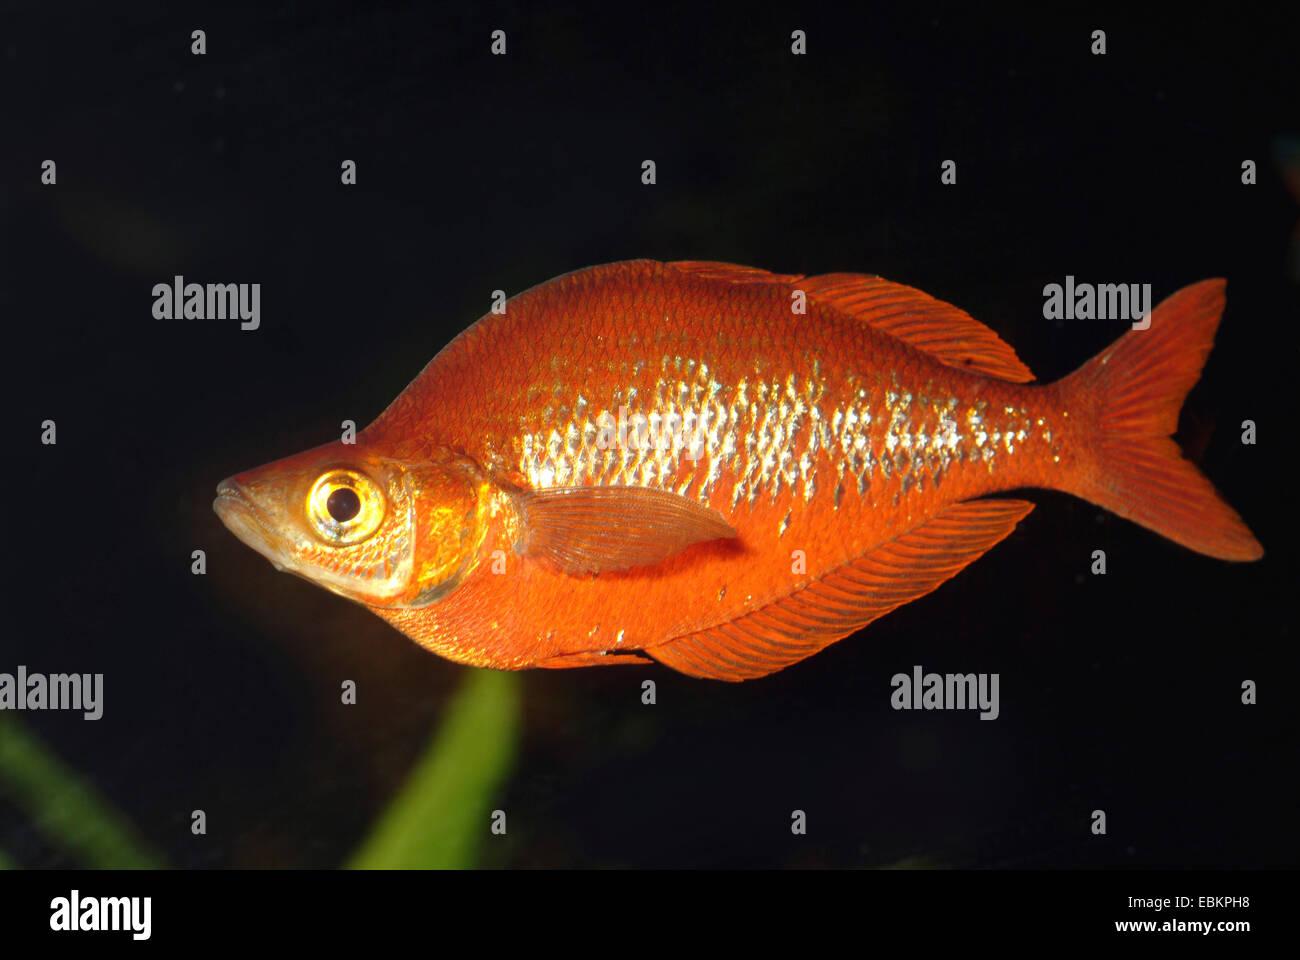 Red rainbowfish, Salmon red Rainbowfish (Glossolepis incisus), male swimming, KZLU1007 - Stock Image